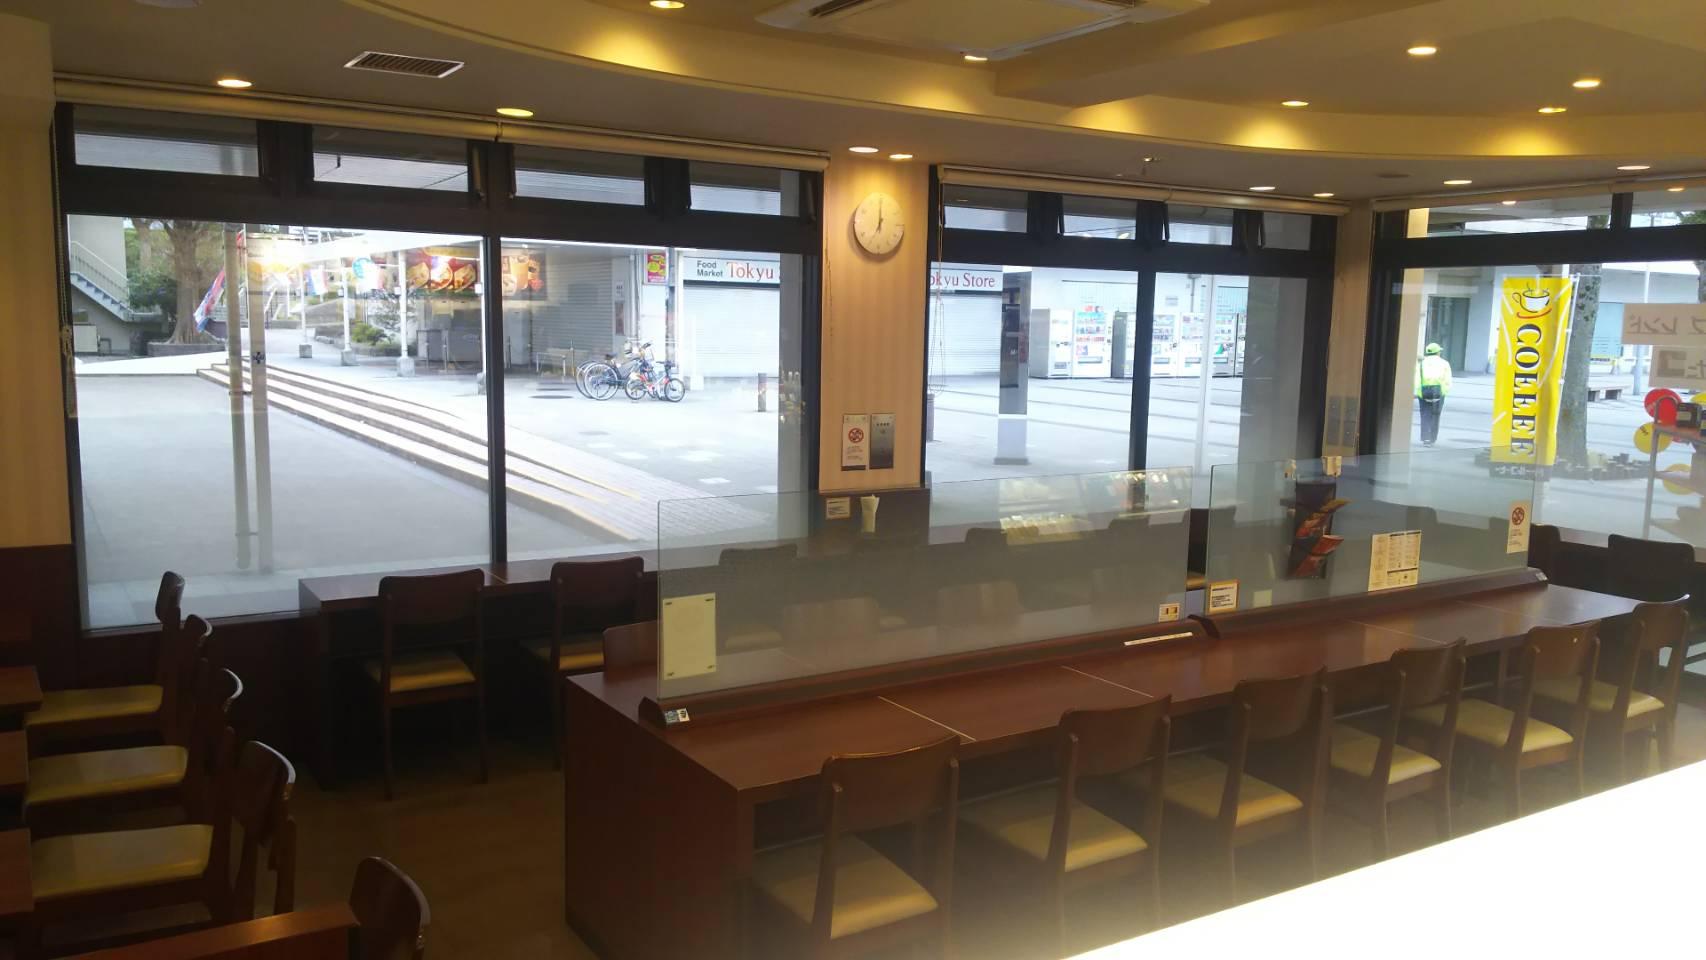 ドトール・コーヒーショップ 洋光台店の禁煙席全体